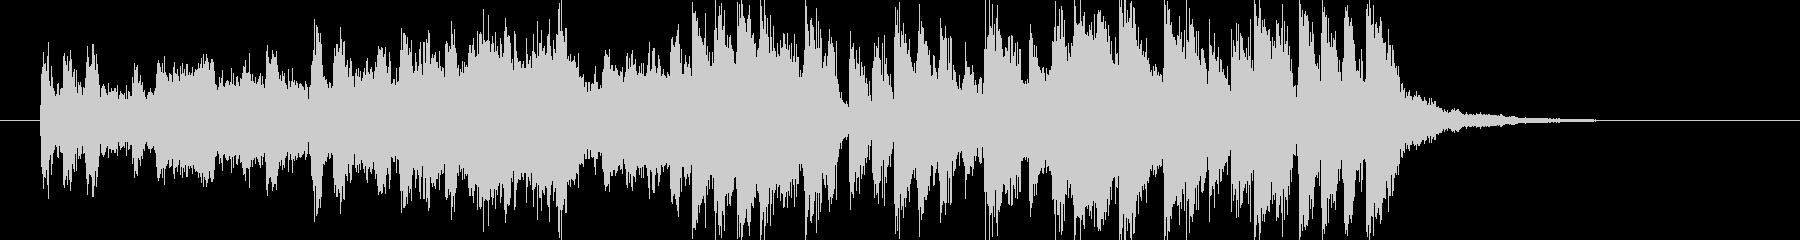 躍動感ある軽快なシンセポップジングルの未再生の波形